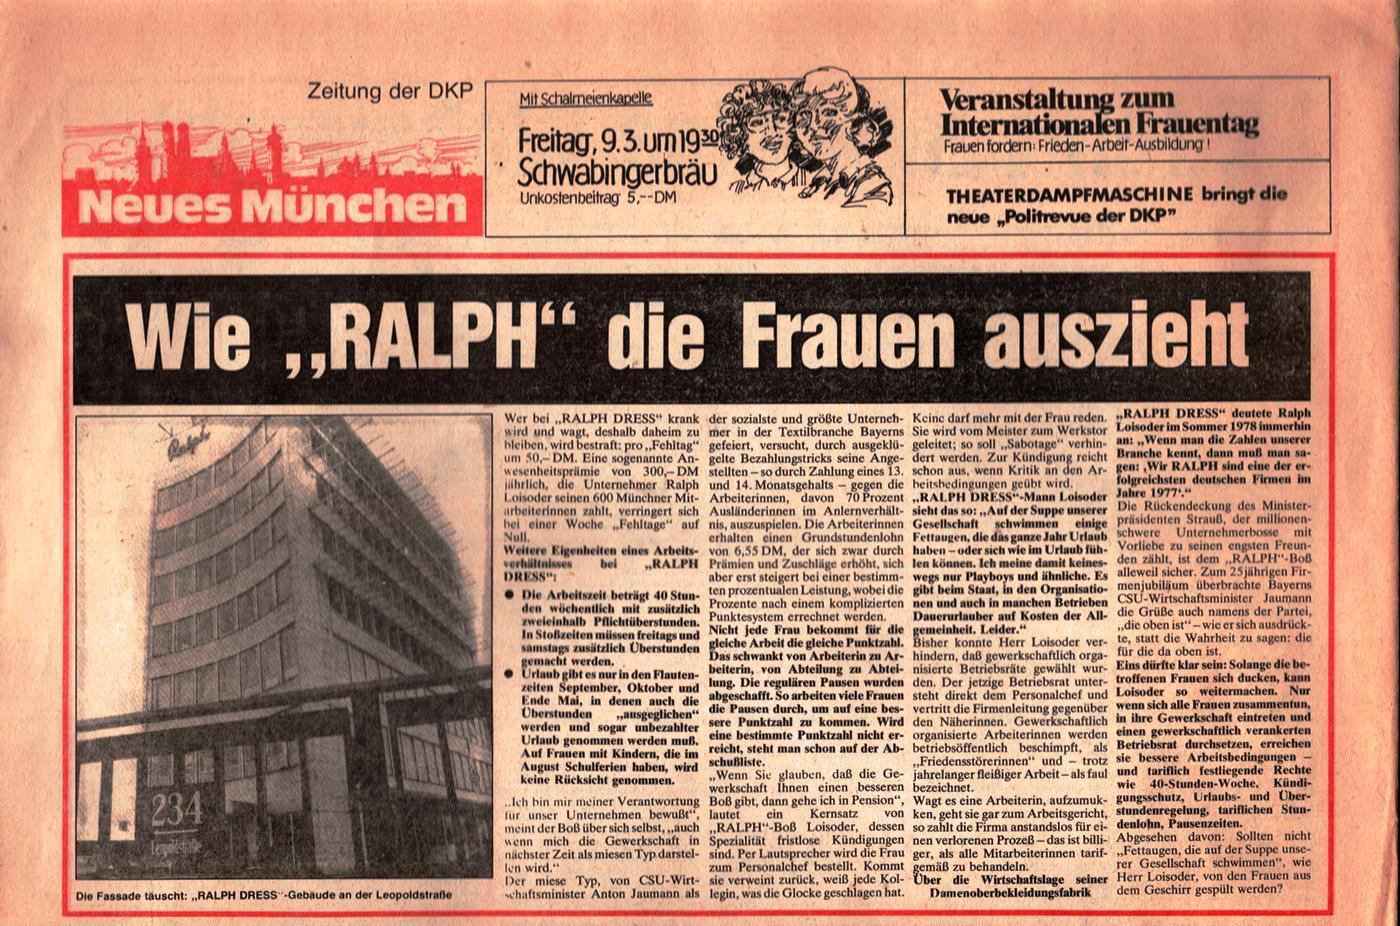 Muenchen_DKP_Neues_Muenchen_19790200_002_005